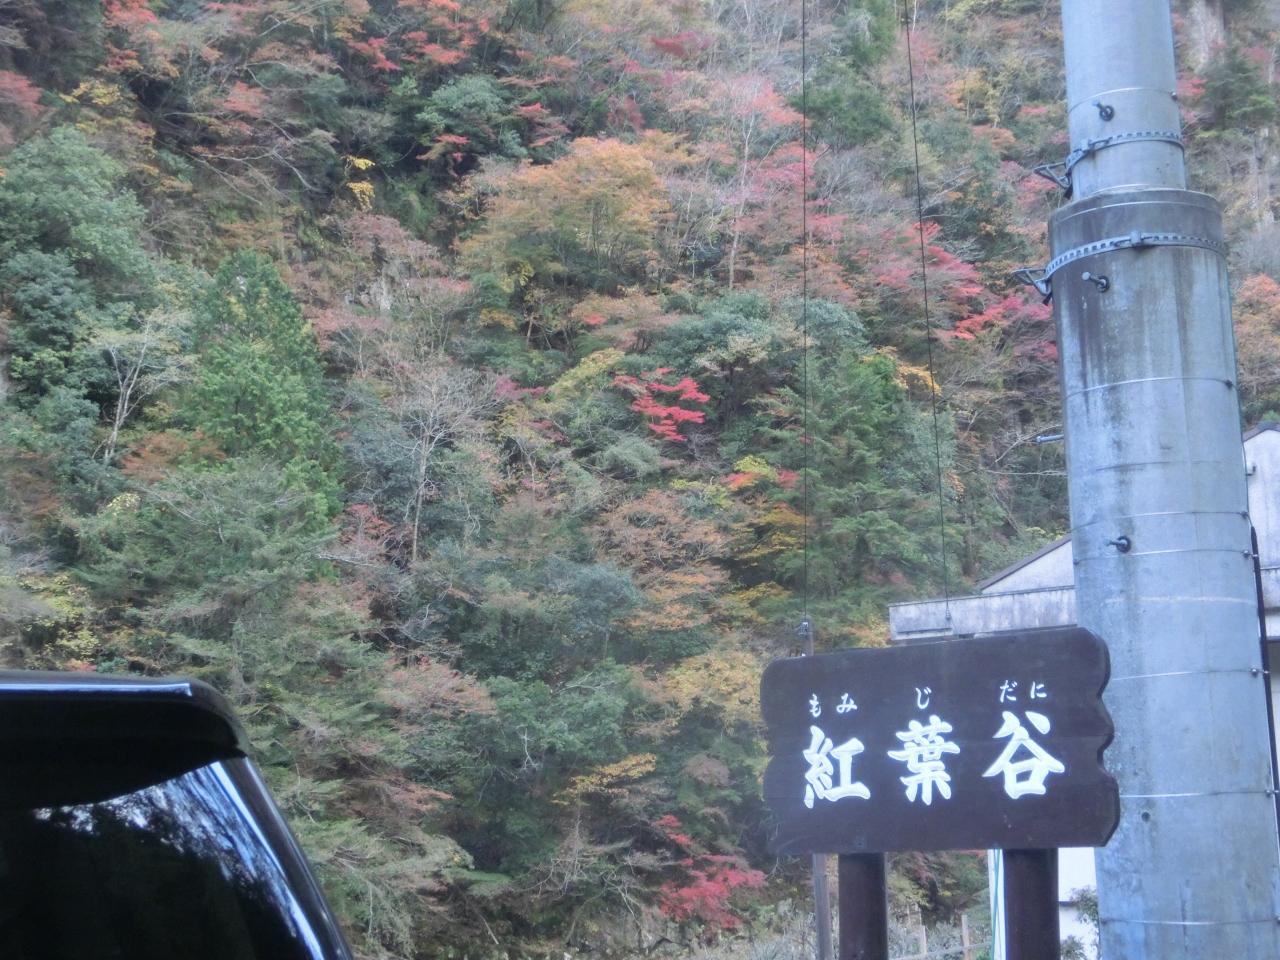 絶景と森林浴たっぷりの曽爾古道を歩く